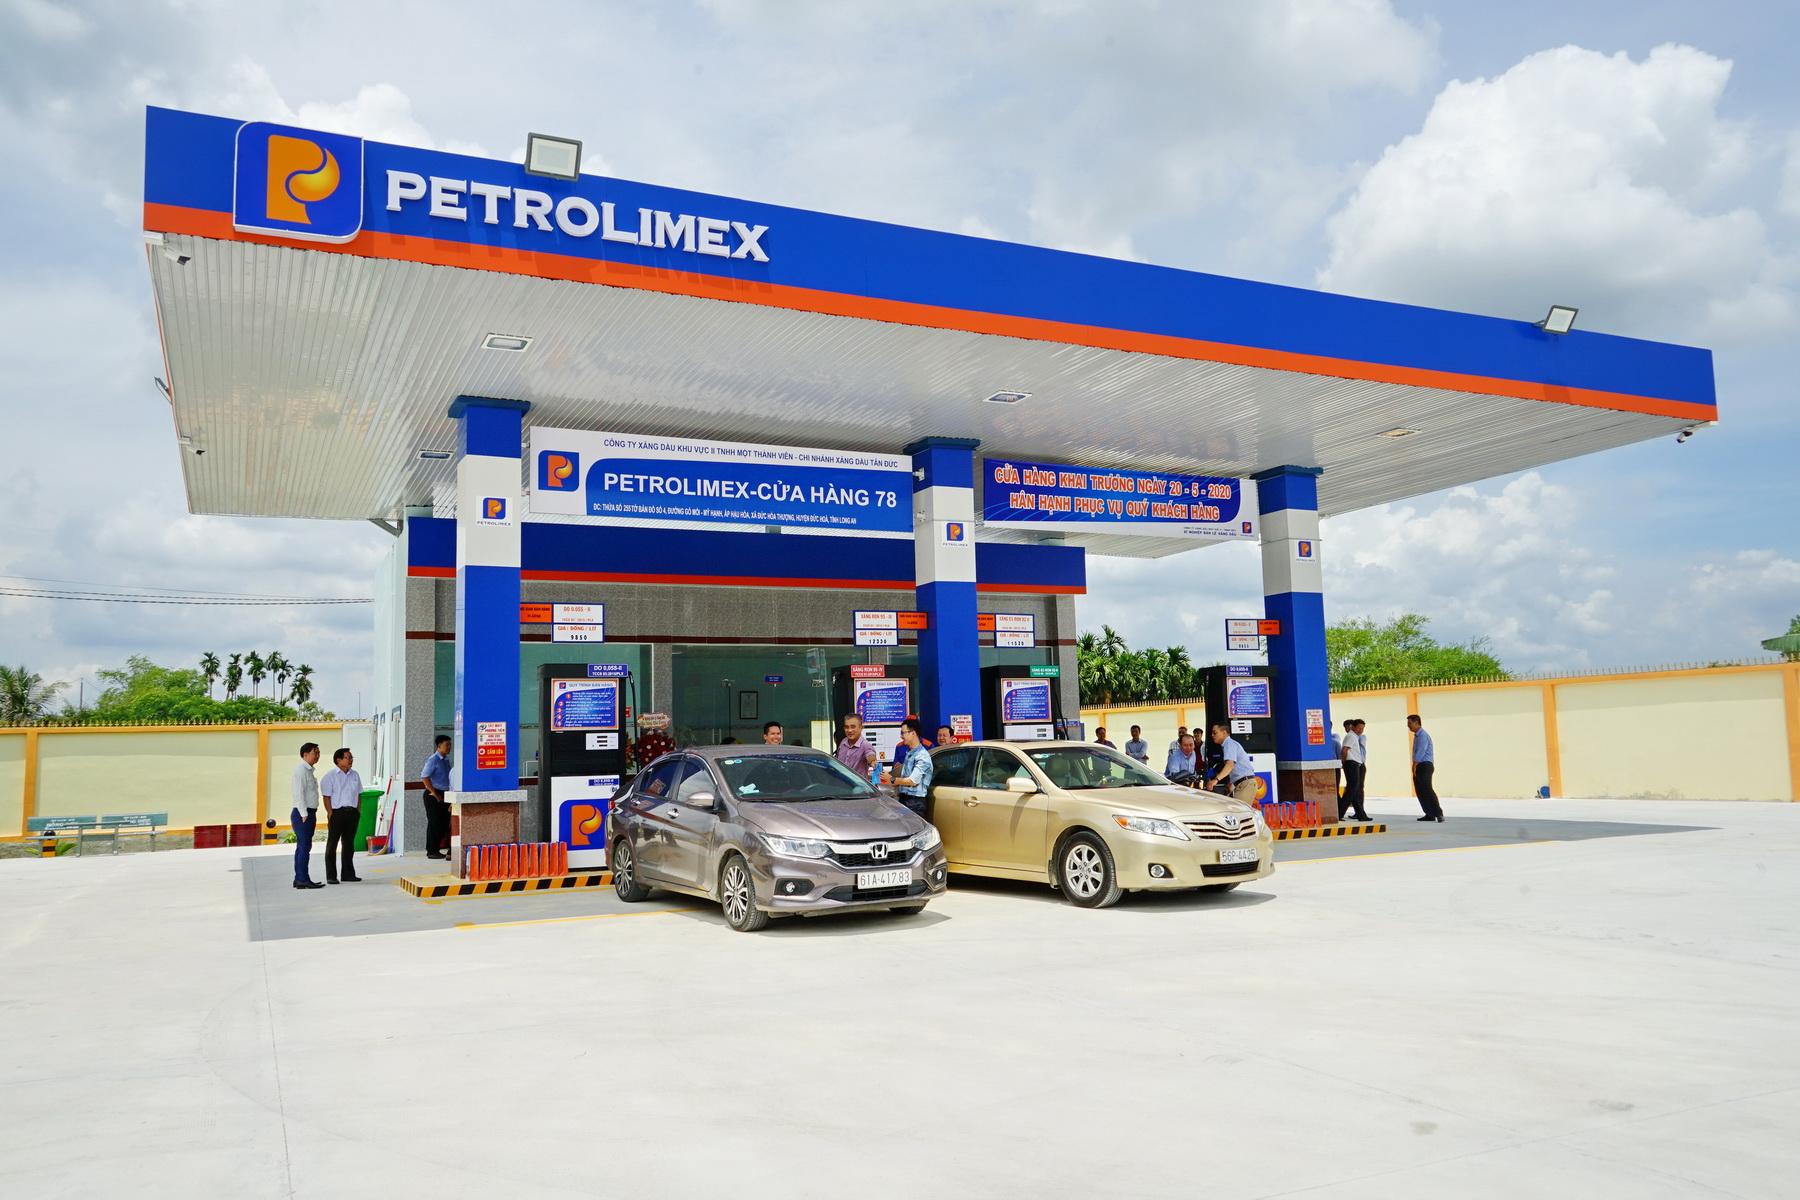 Petrolimex đặt mục tiêu lãi 3.360 tỷ đồng, quyết tâm thoái vốn PG Bank năm nay - Ảnh 3.